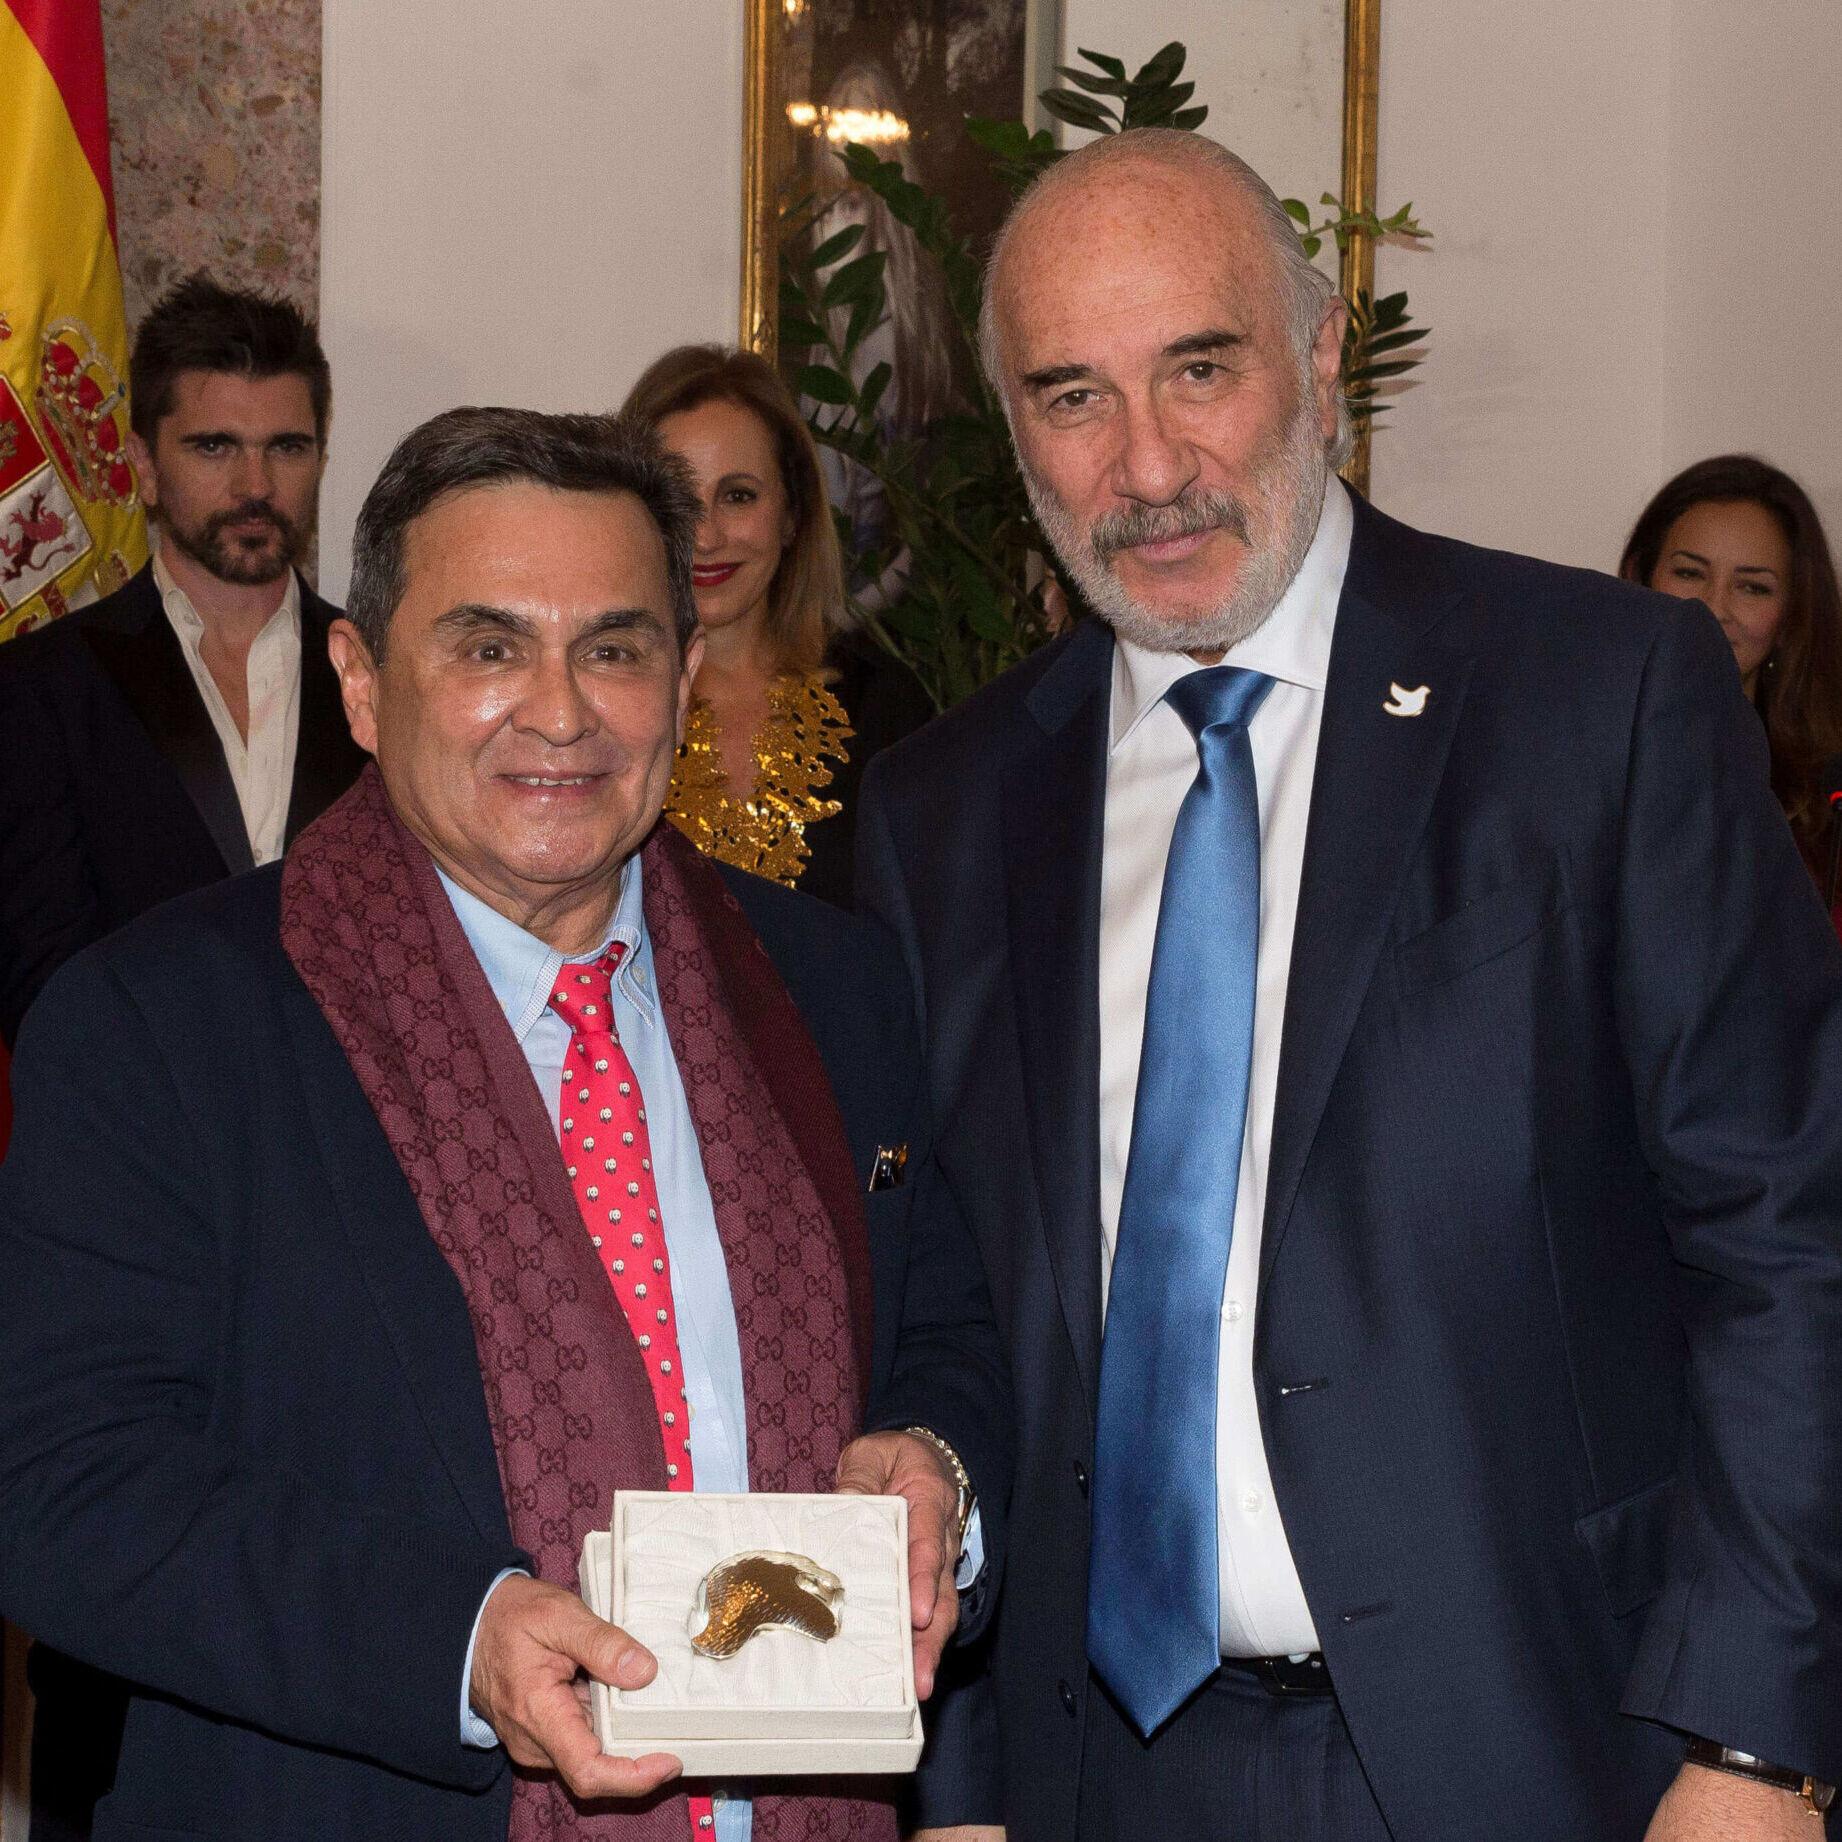 Dr Serrano reconocido por Embajada de Colombia en Madrid